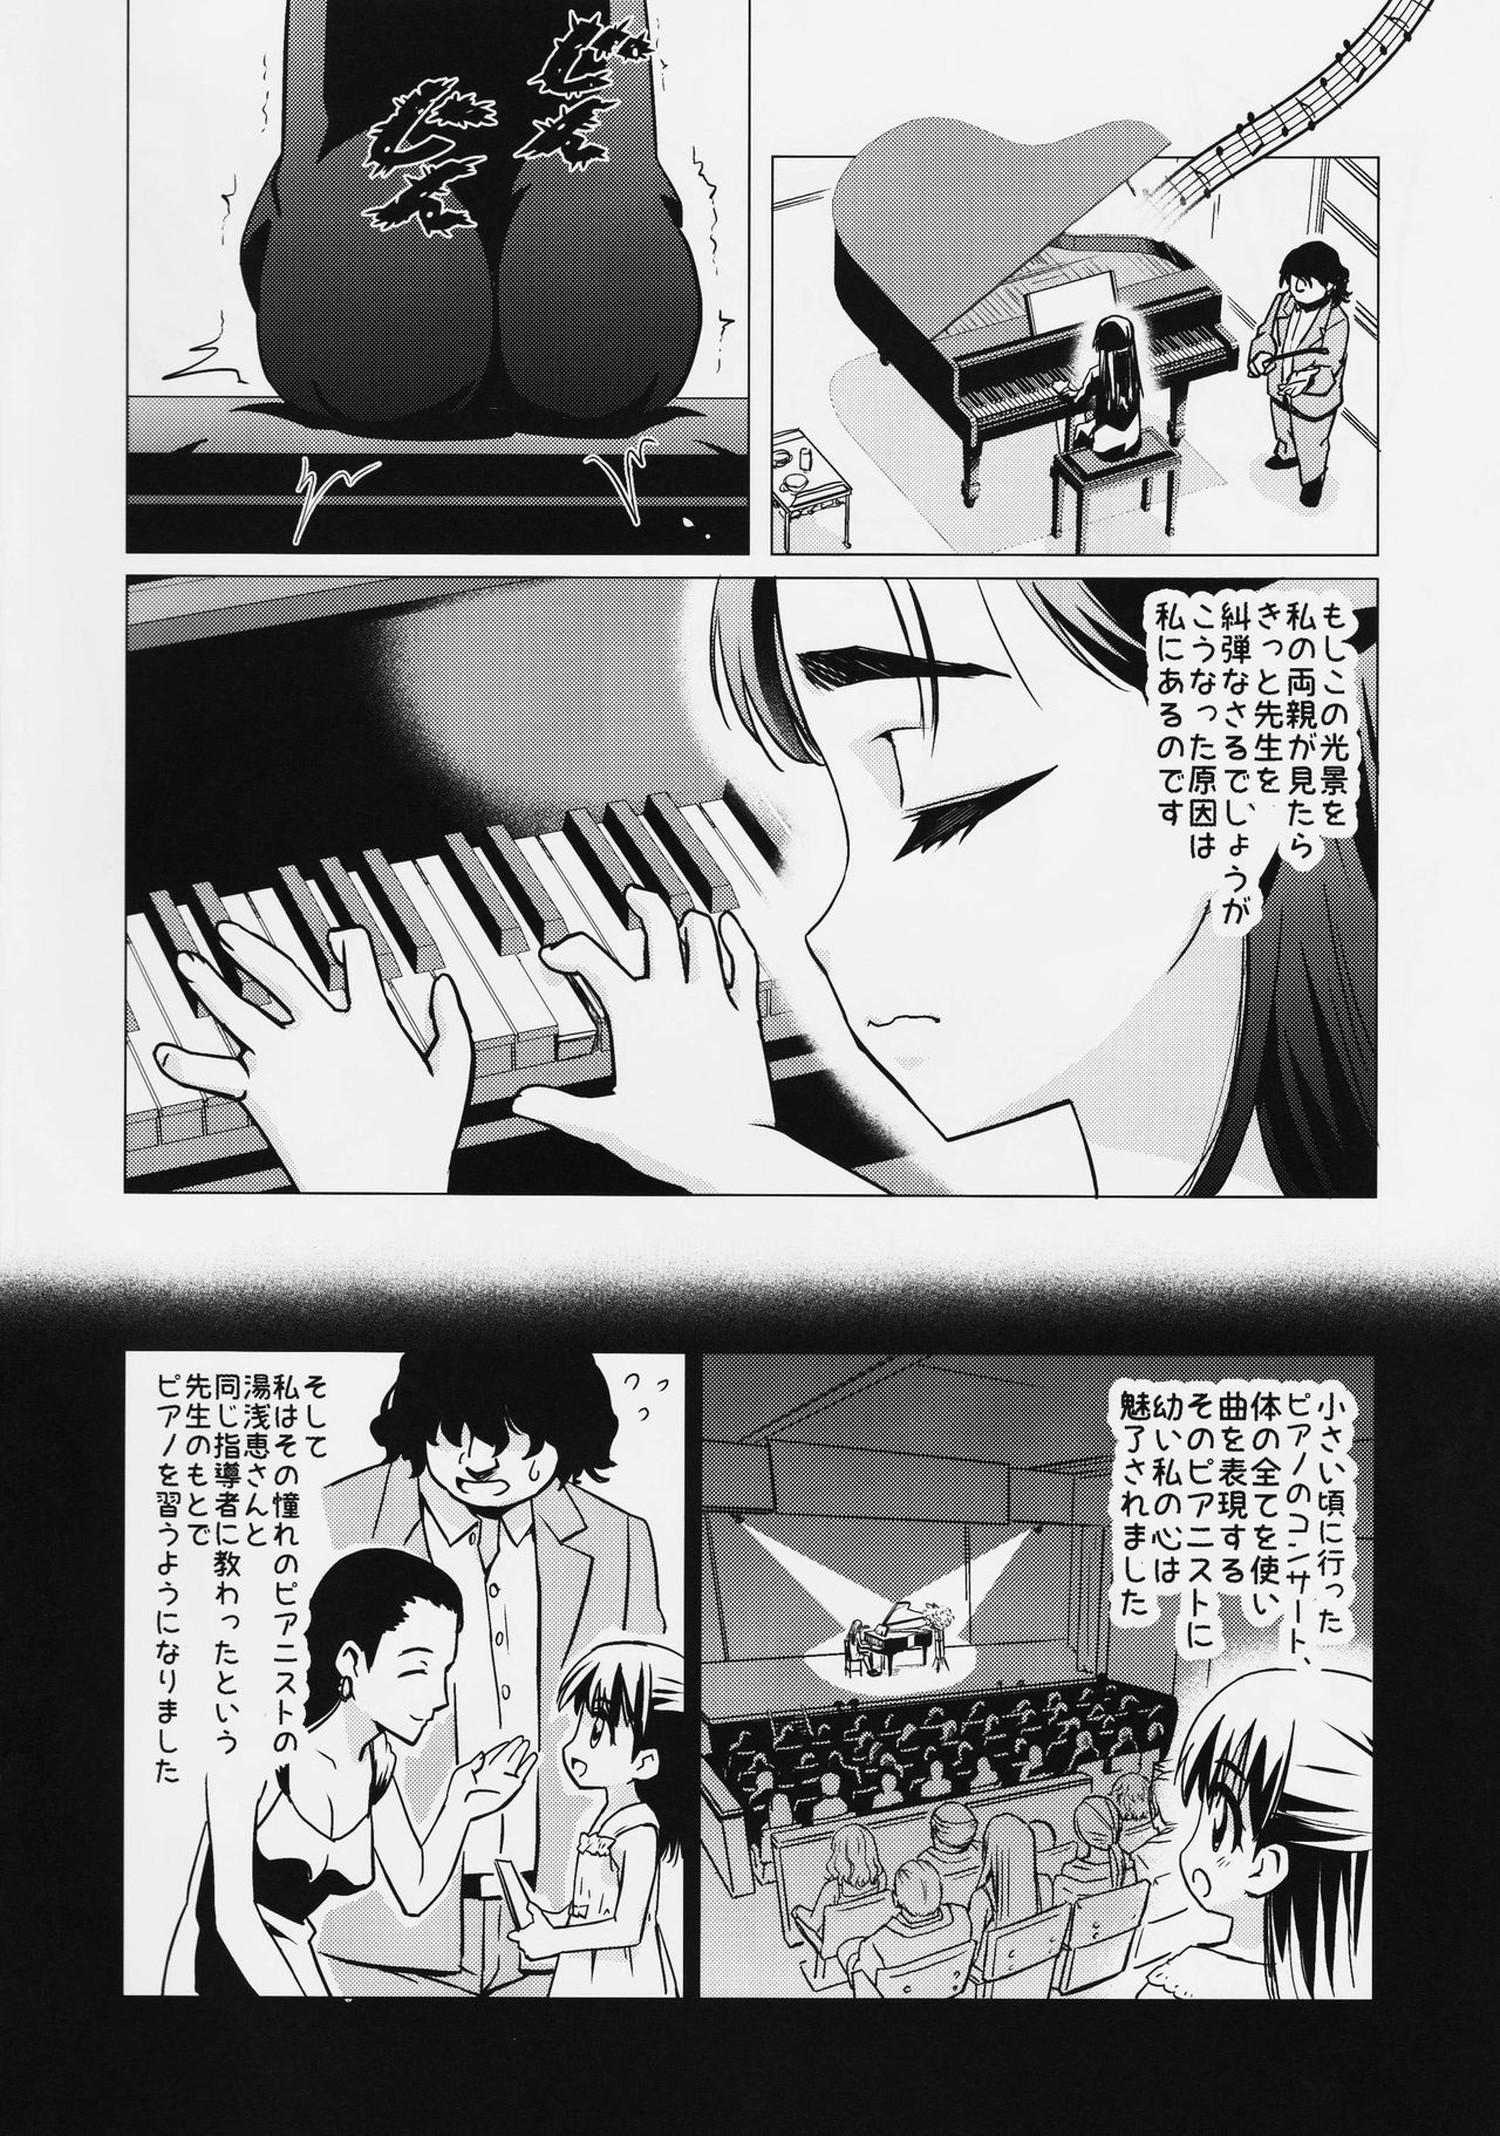 【エロ漫画・エロ同人】お尻を叩かれてエッチなことに目覚めてしまったM女JSが先生に調教されて、脱糞プレイでも感じちゃう変態に・・・ (3)